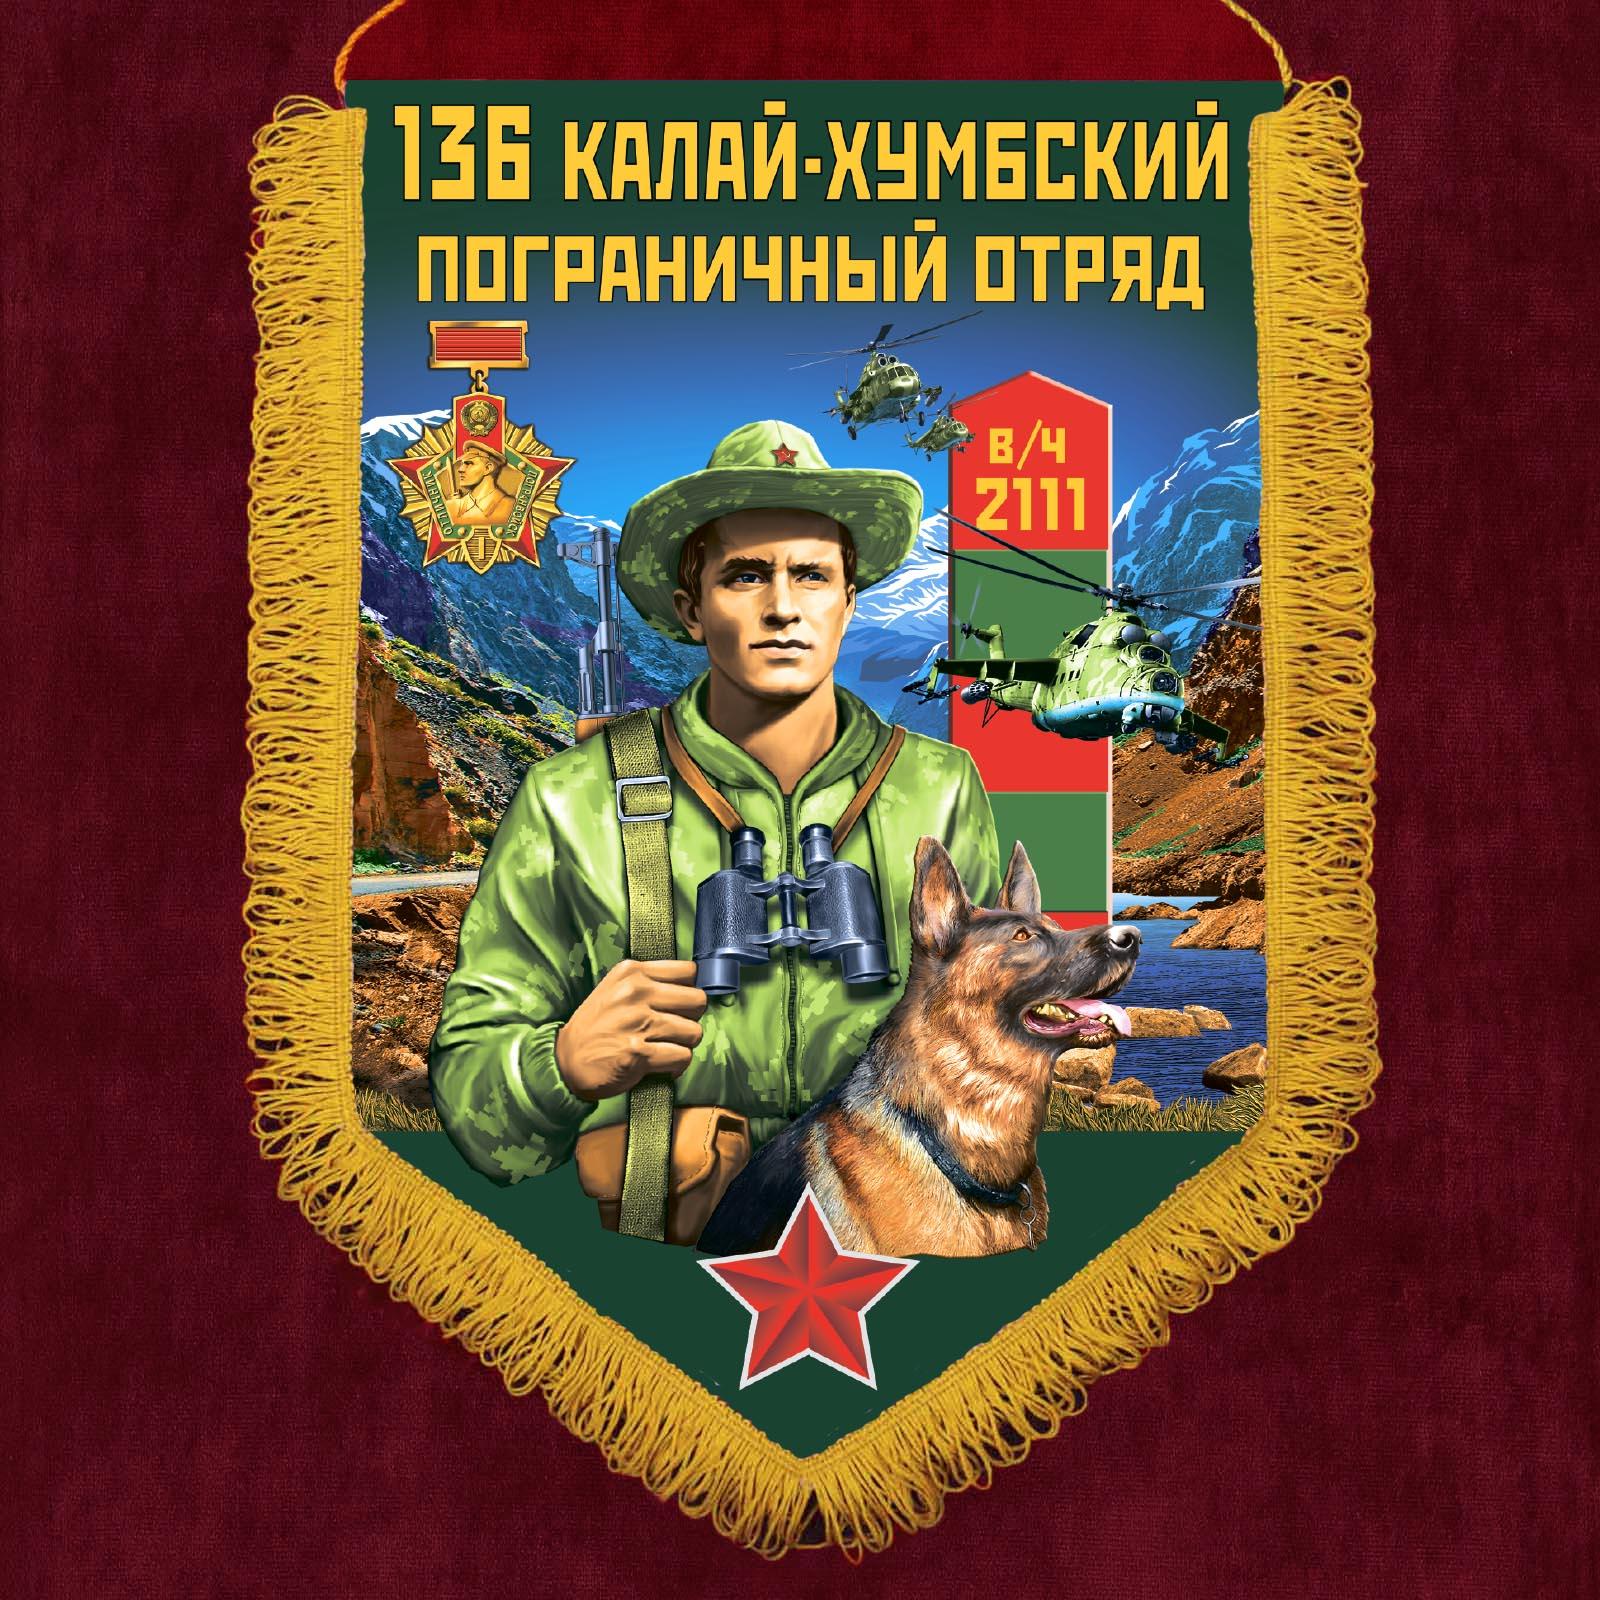 """Подарочный вымпел """"136 Калай-Хумбский пограничный отряд"""""""